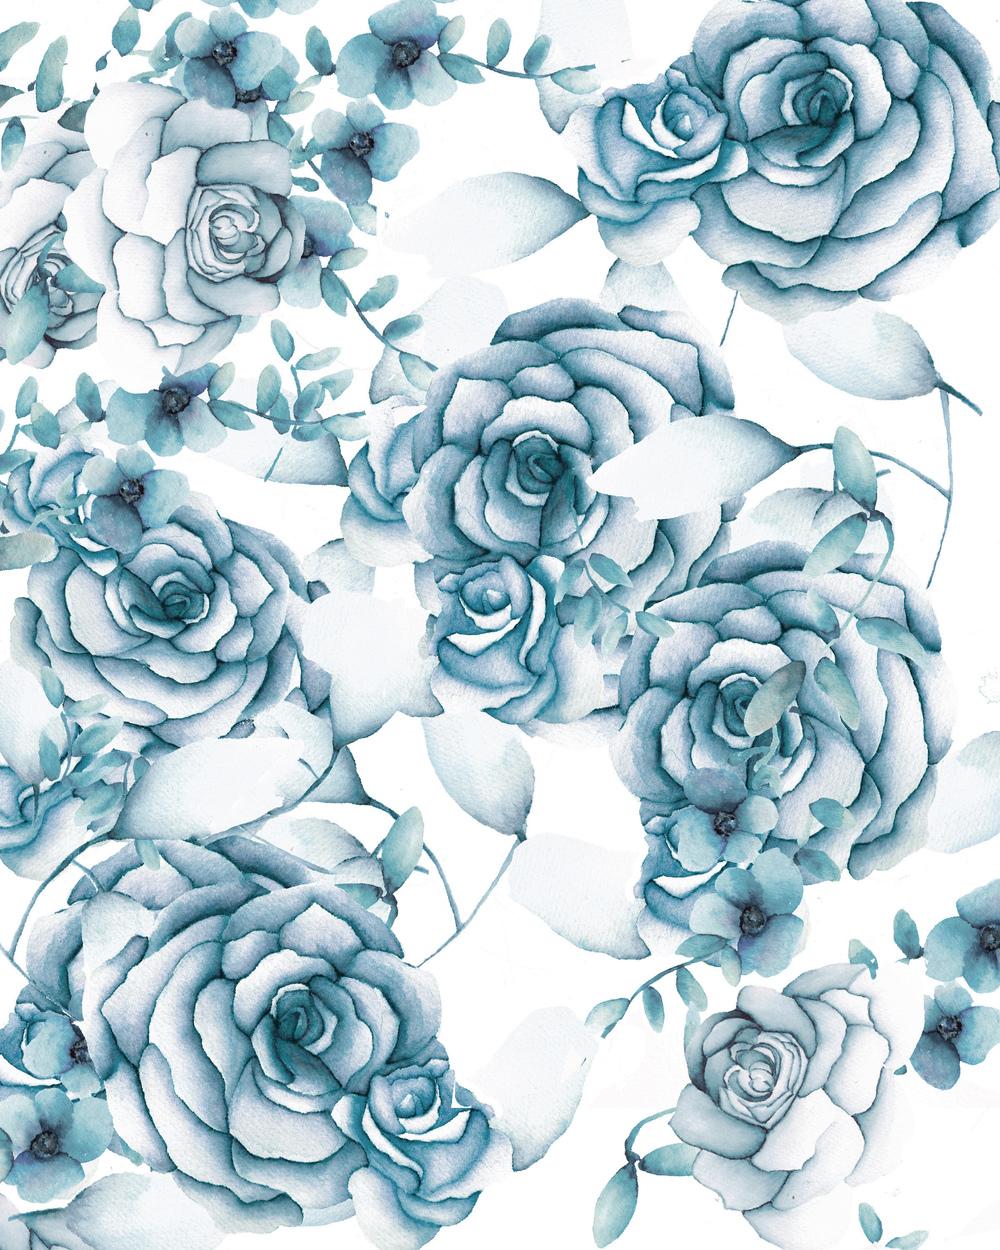 Flower_1CKD.jpg